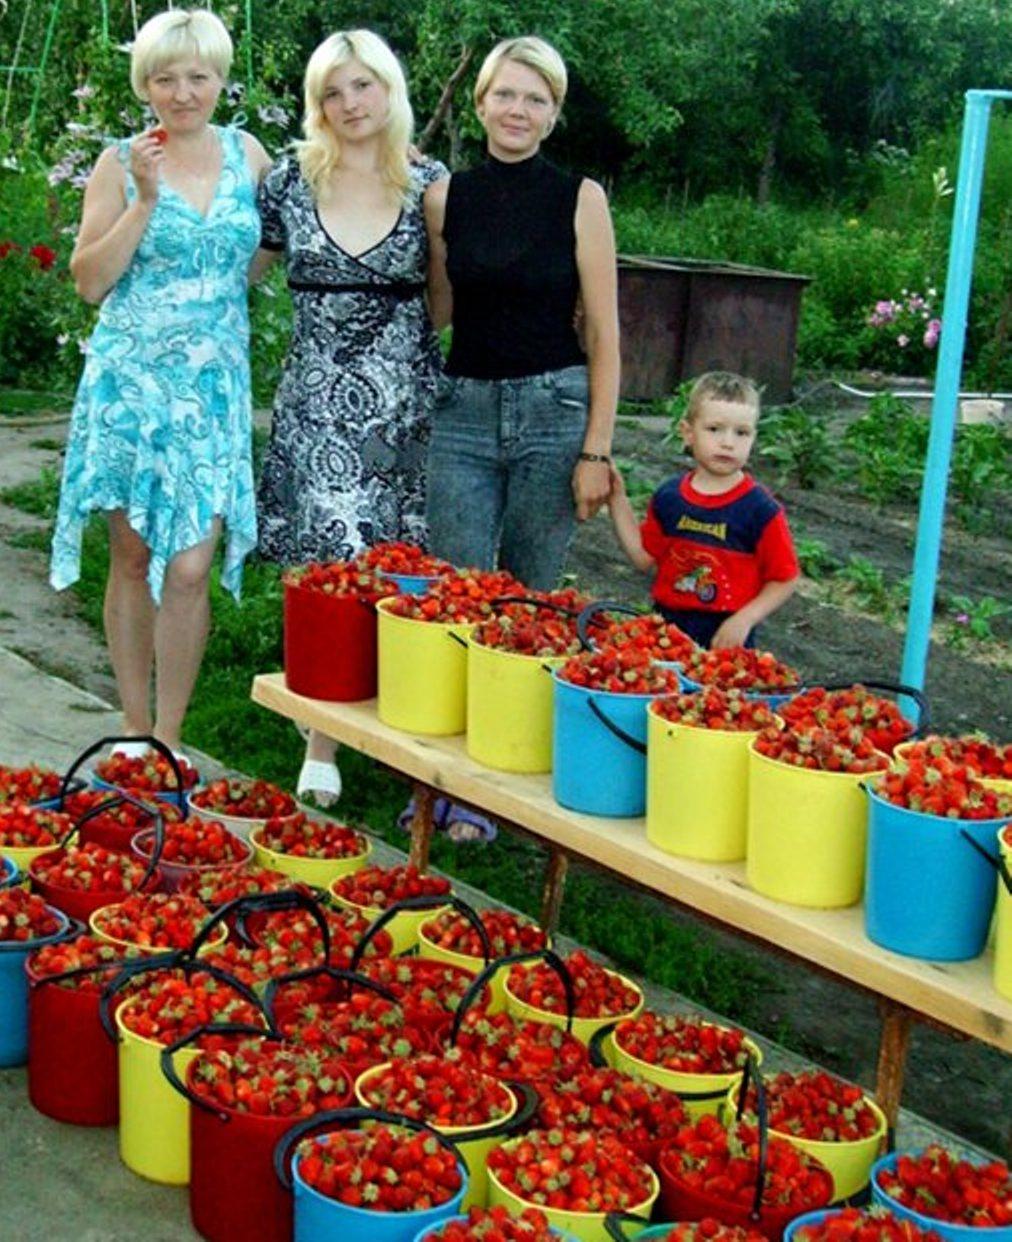 земляника,выращивание земляники,выращивание клубники +и земляники,+как выращивать землянику,